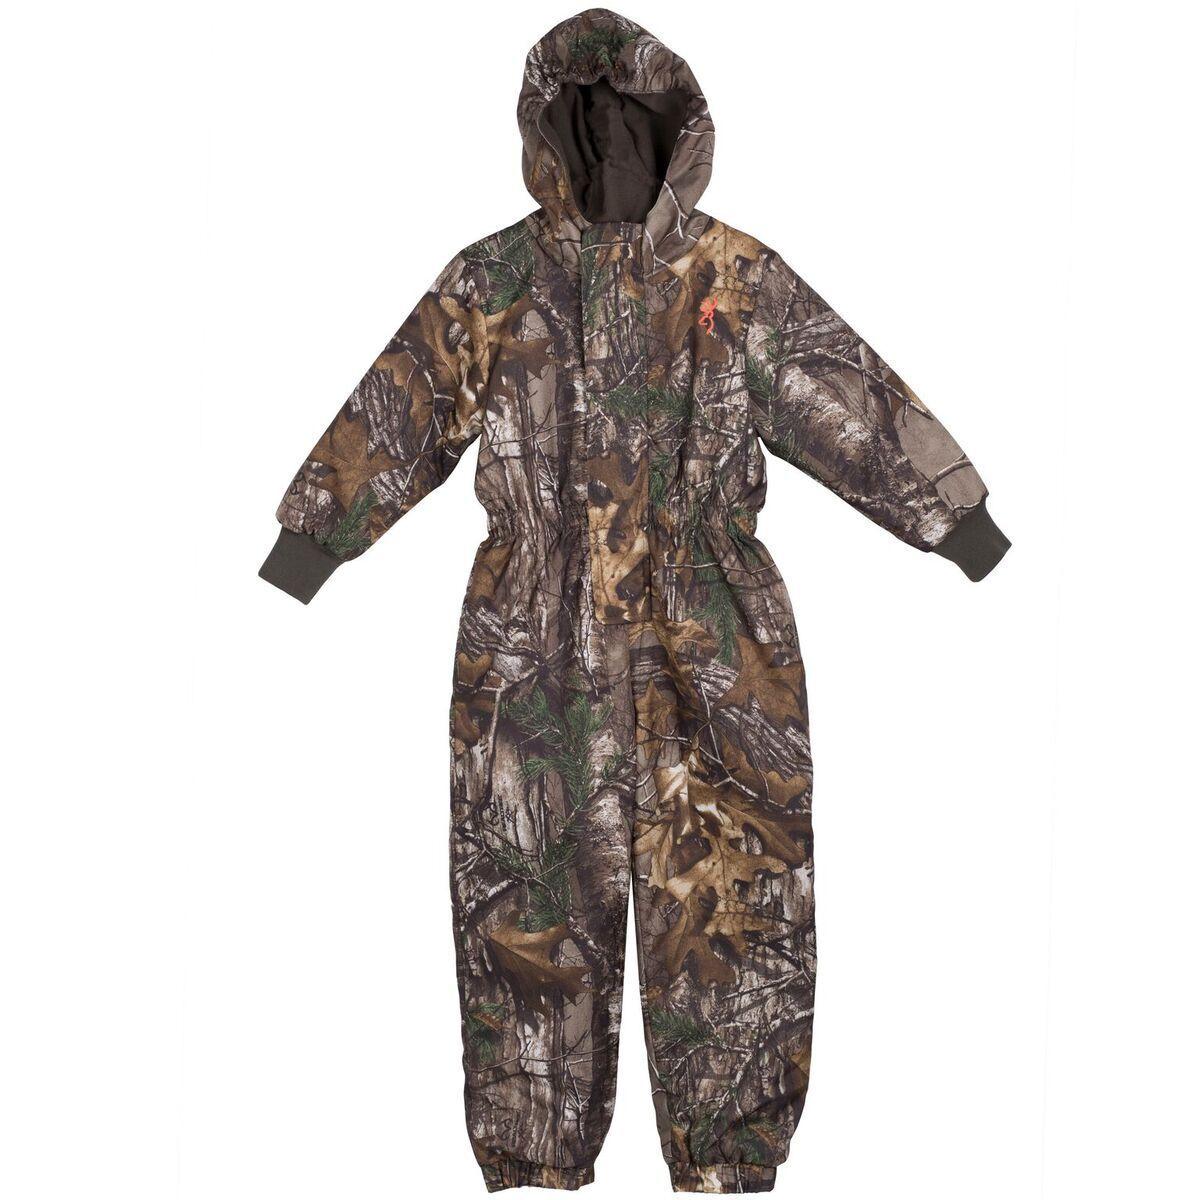 Unisex Clothing -Newborn-5T- , Baby & Toddler Clothing , Clothing ...